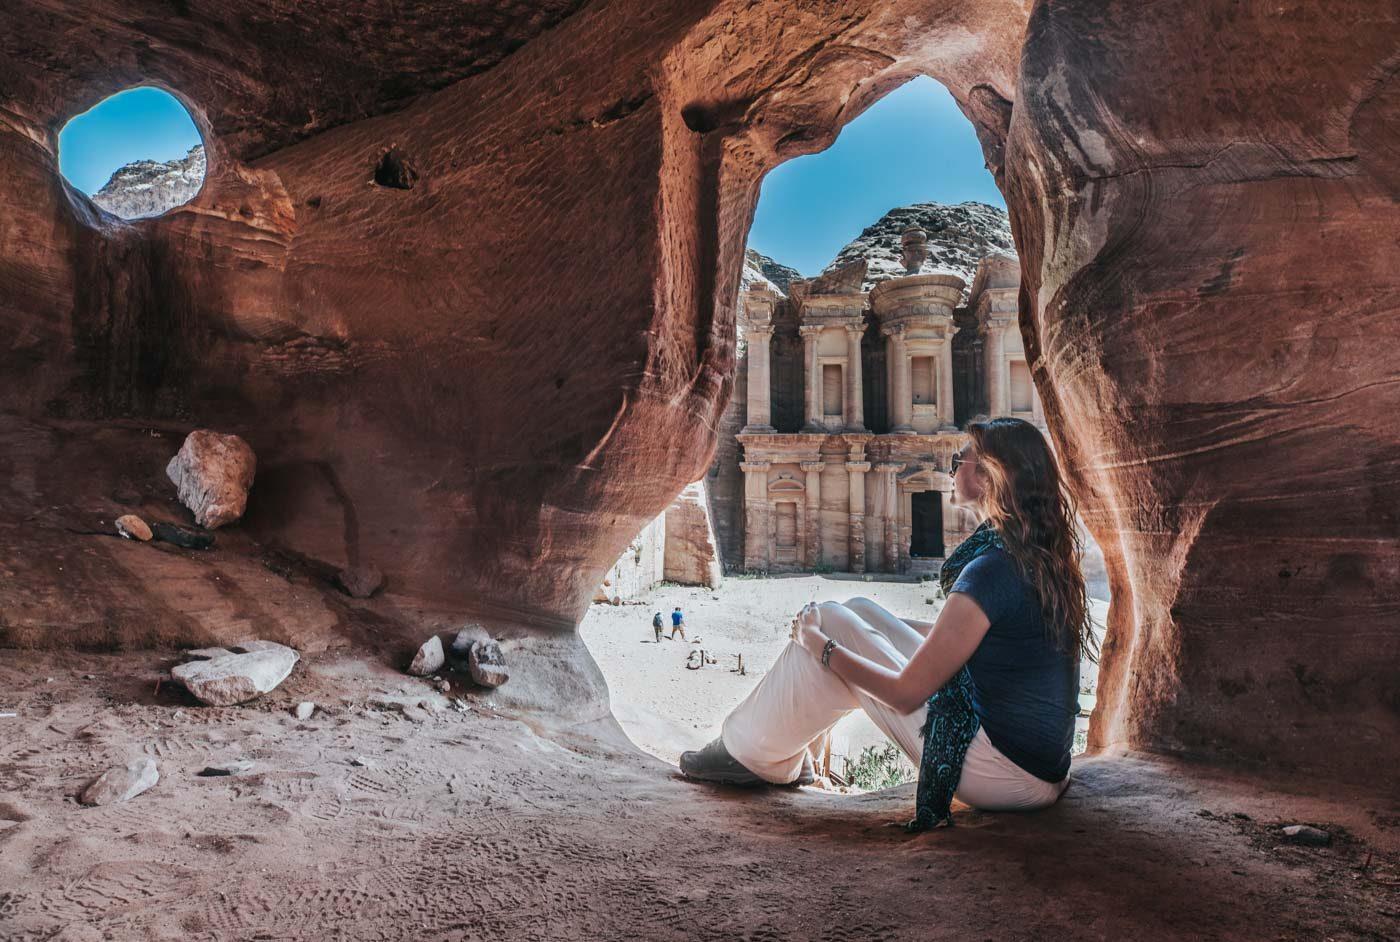 Overlooking the Monastery in Petra, Jordan